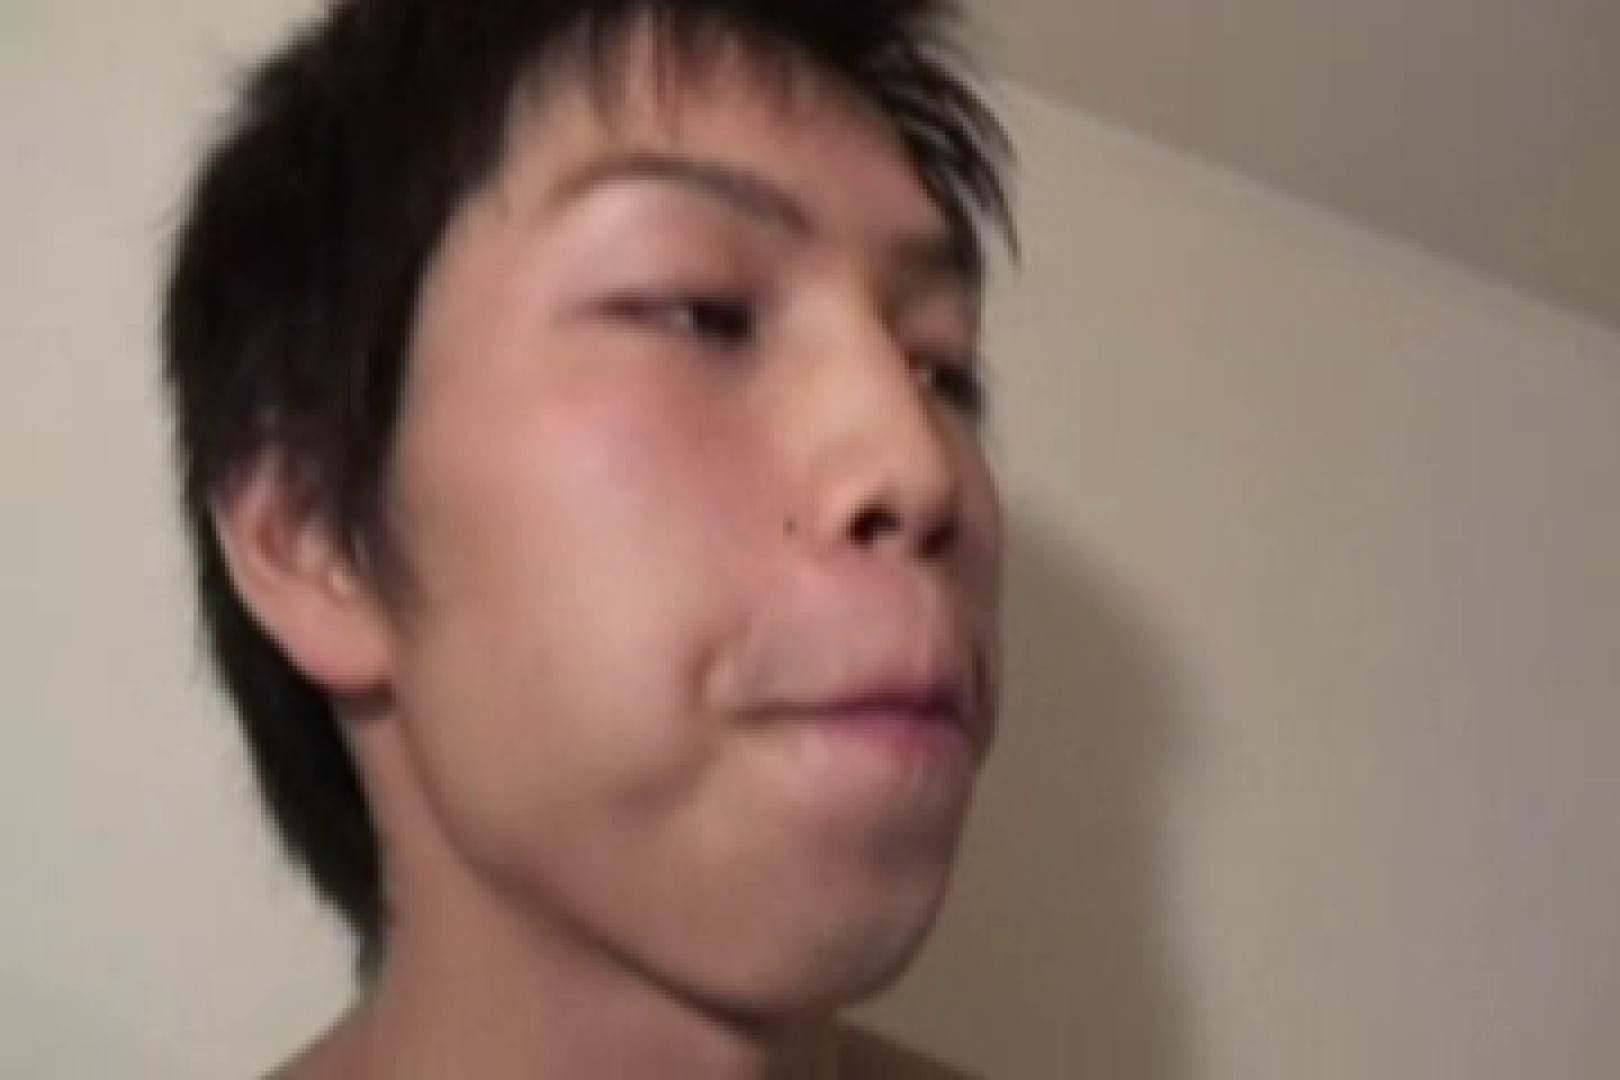 爽やかイケメン筋トレ&オナニー!!マッスルボディとロングチンコ モザイク無し 男同士動画 69pic 46